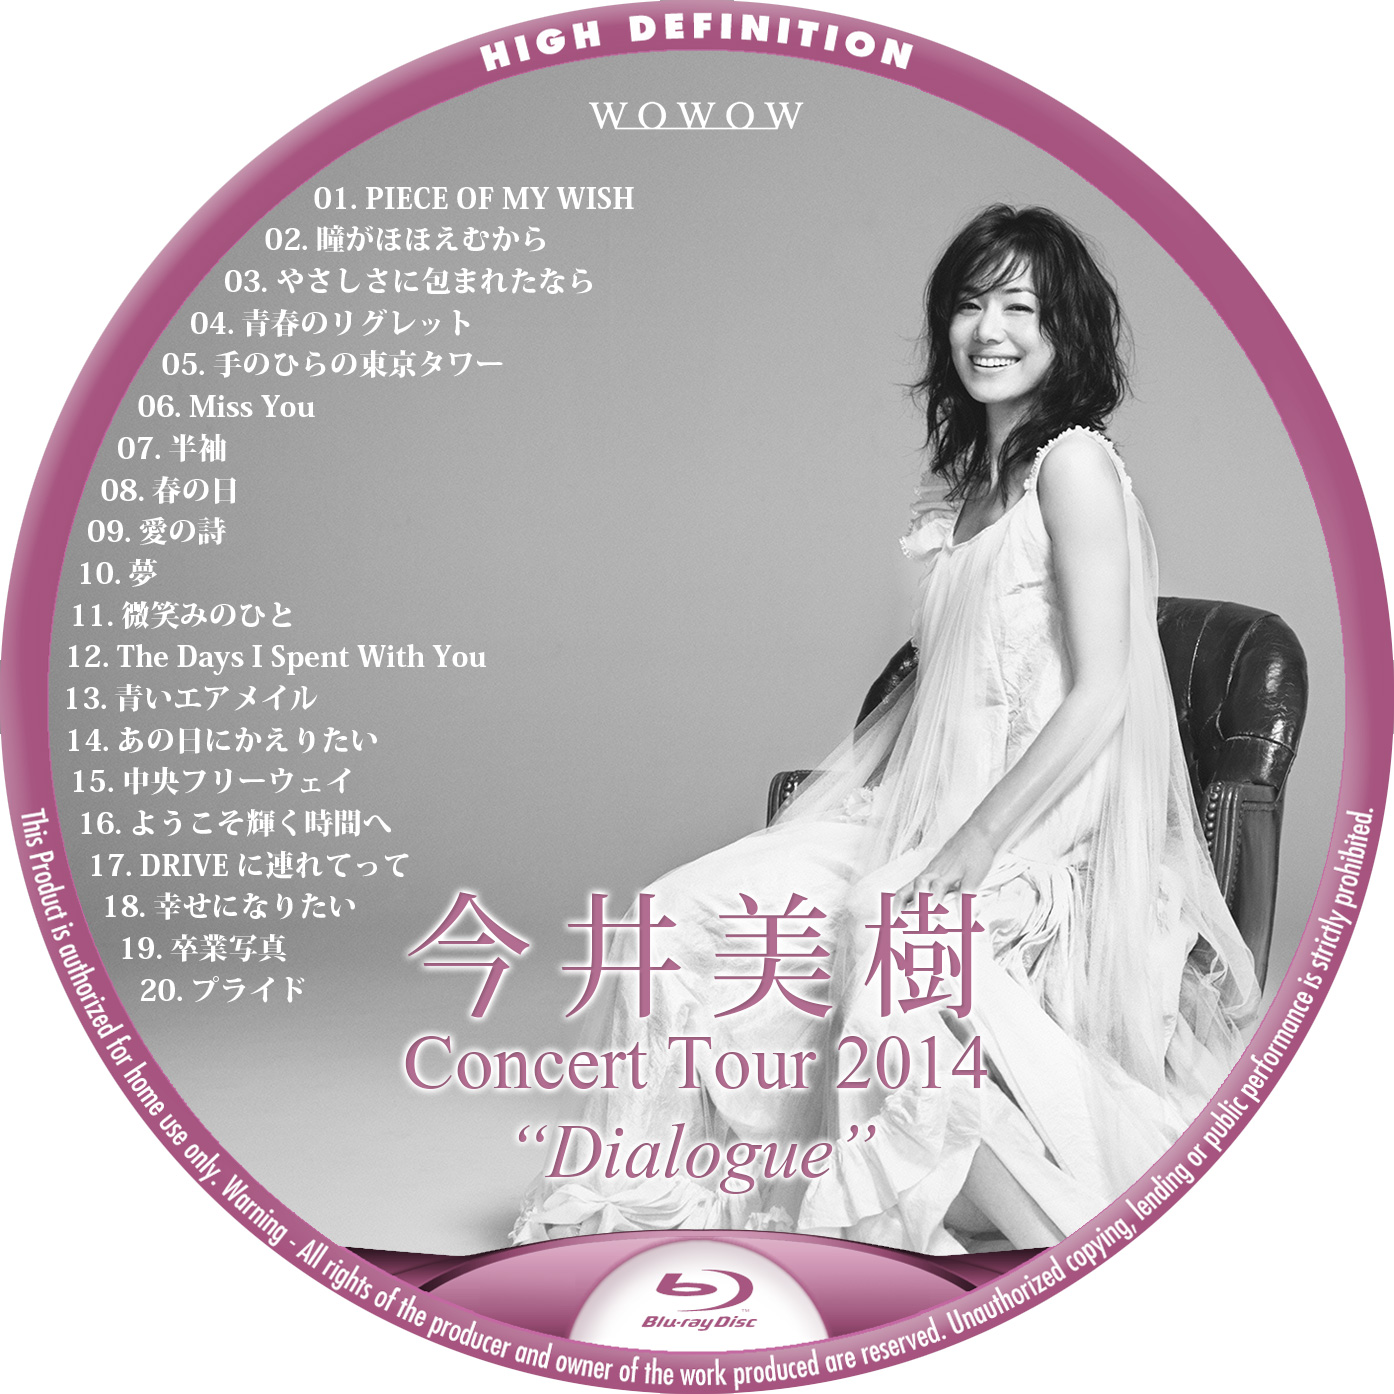 今井美樹 CONCERT TOUR 2014 Dialogue BDラベル Blu-ray